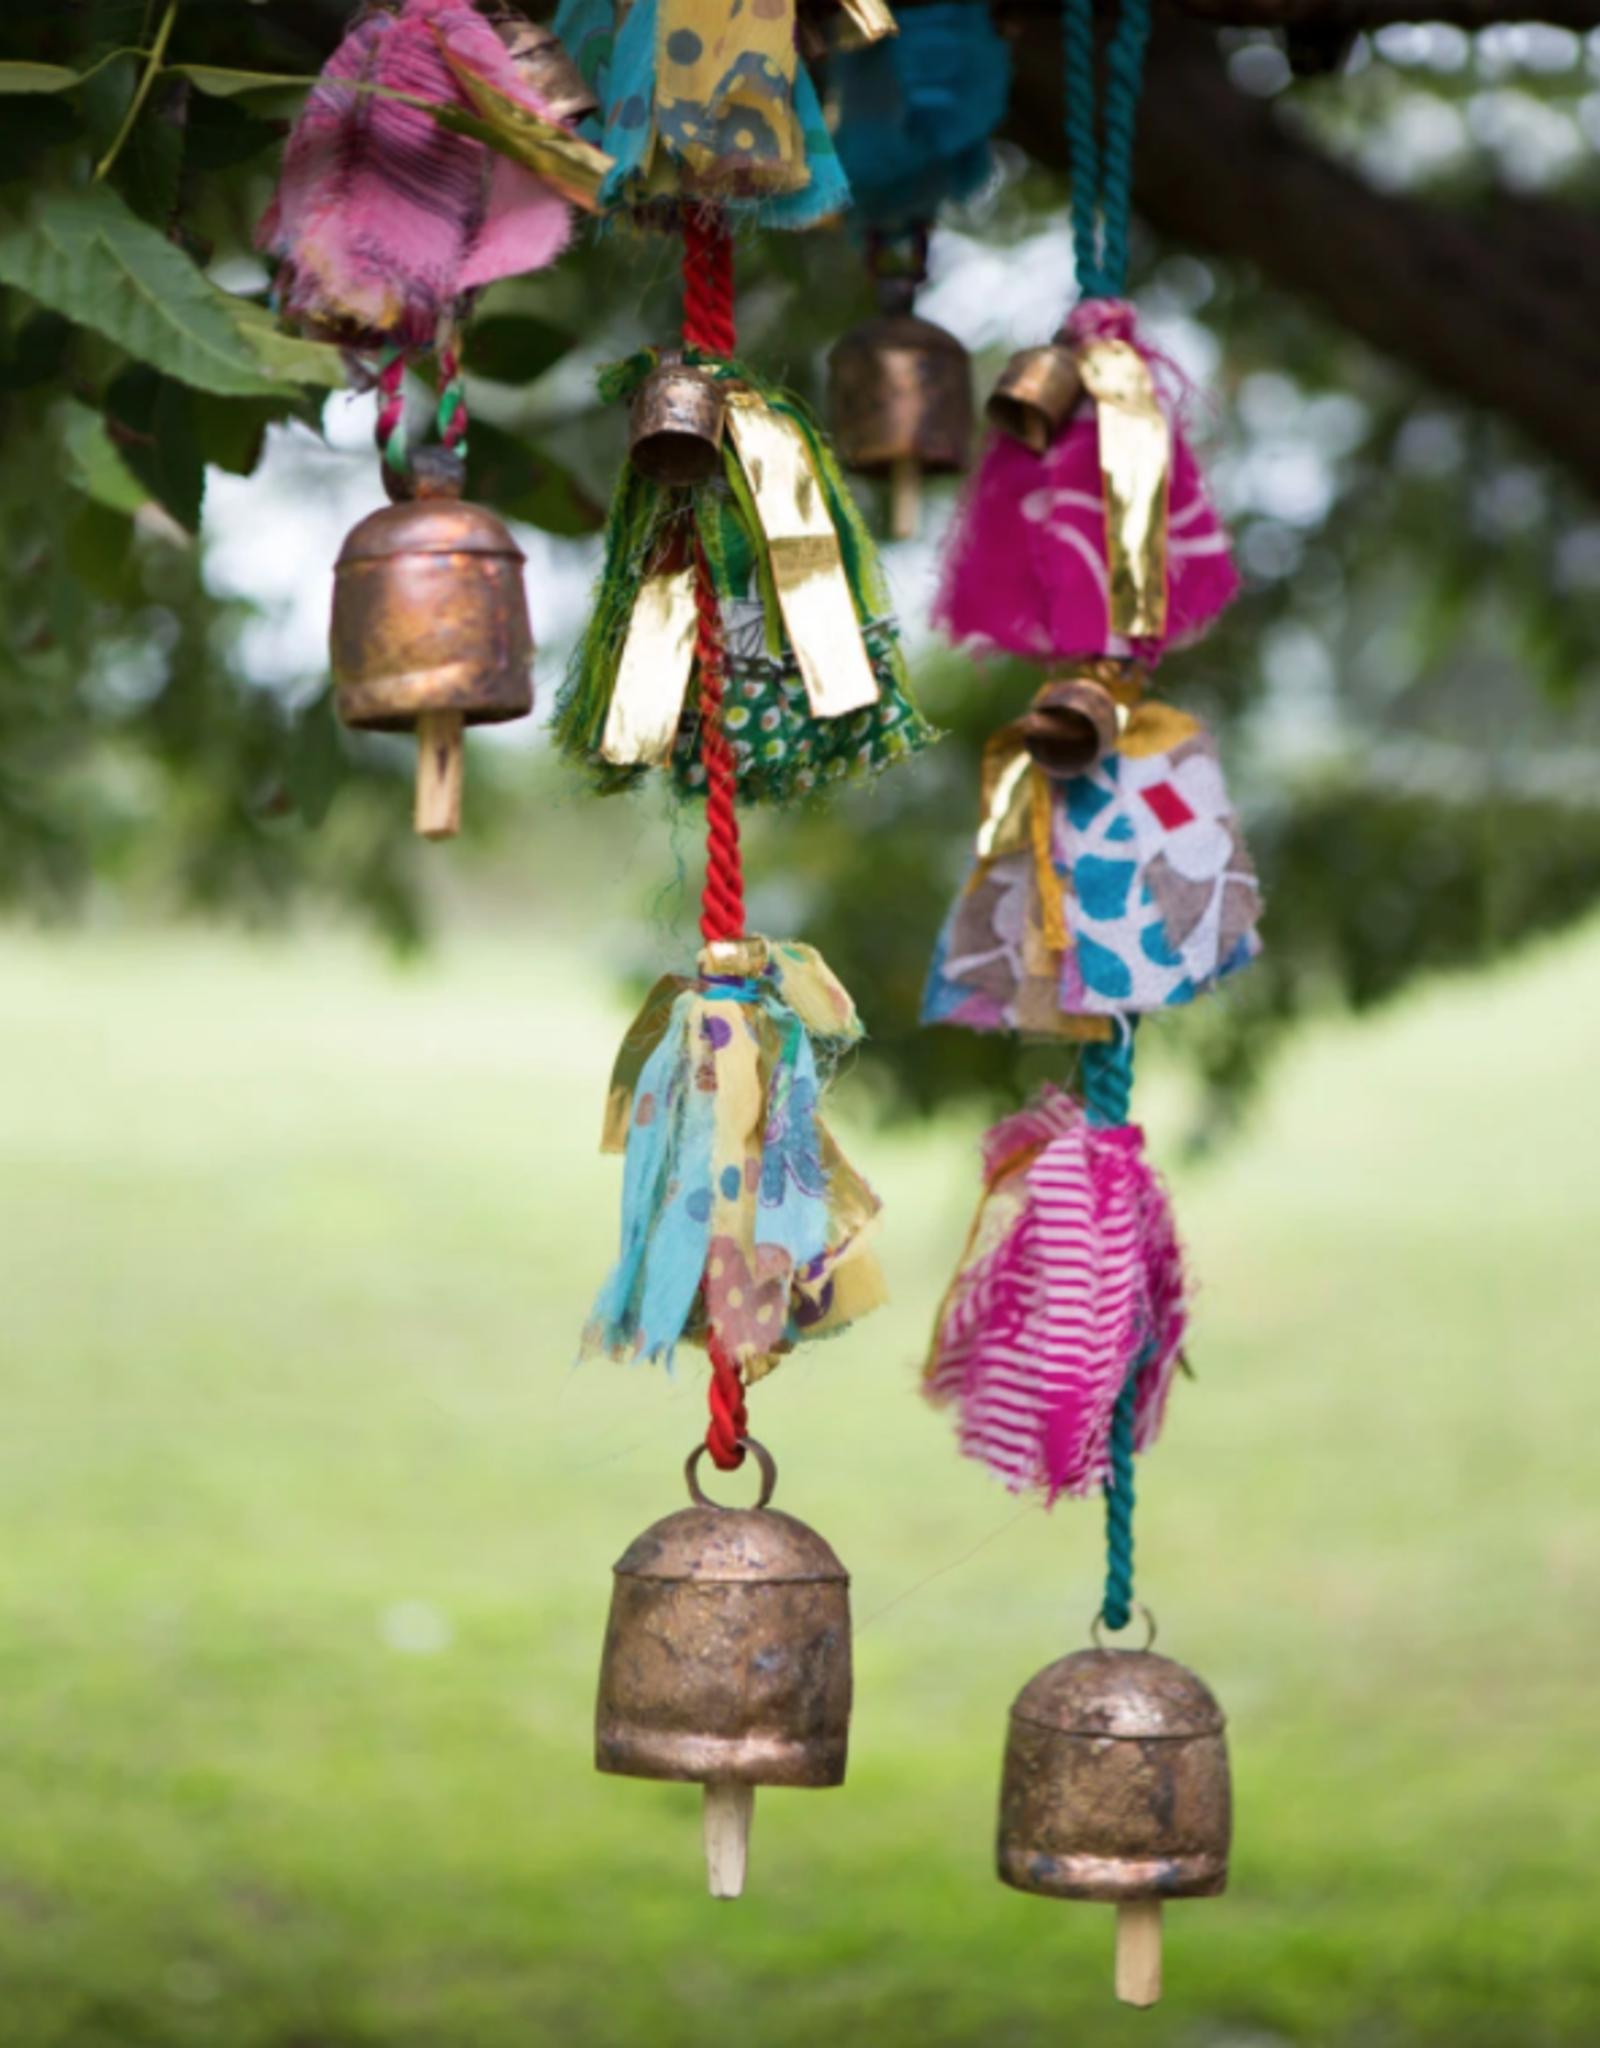 Matr Boomie Sari & Song Hanging - Long